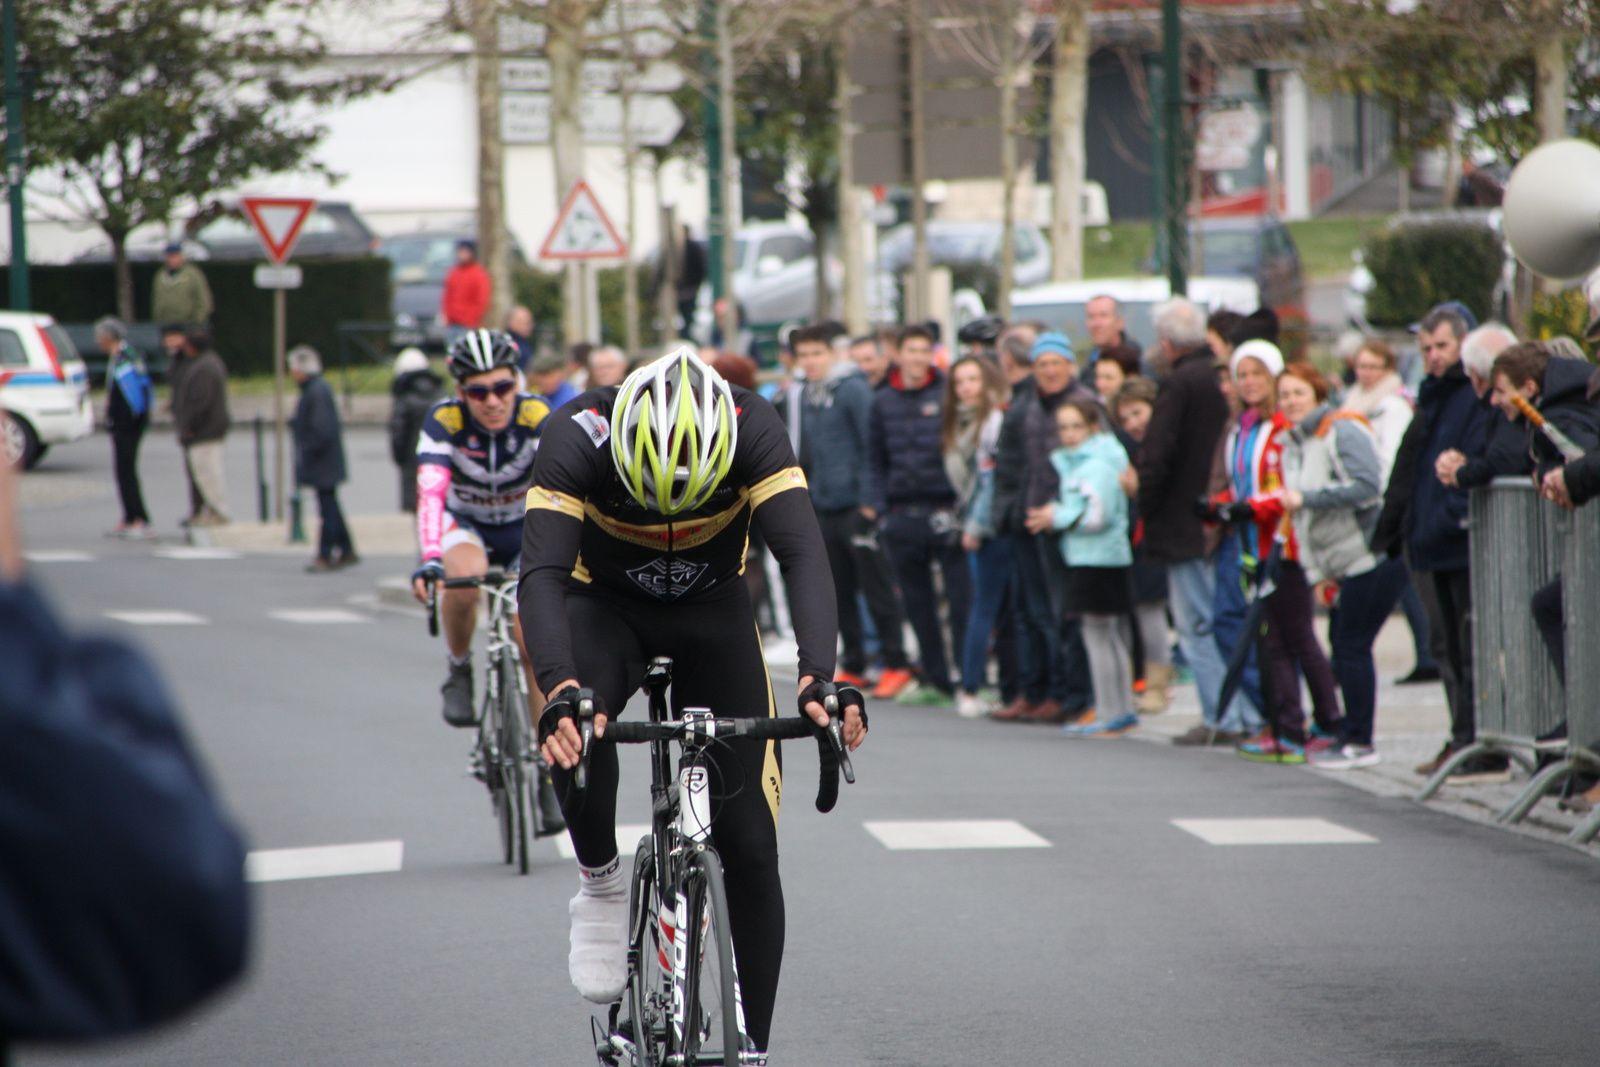 2e  Olivier  BOSSIS(Angouléme  VC), 3e  Corentin  NADON(AC 4B), 4e  Laurent  PINEAU(AC  Etaules),5e  Pierre  EPRINCHARD(UCC  Vivonne), 6e  Sylver  CONSTANT(EC 3M), 7e  Stéphane  BELLICAUD(Angouléme  VC), 8e  Wilfried  THIEBAUD(G  Bordeaux)